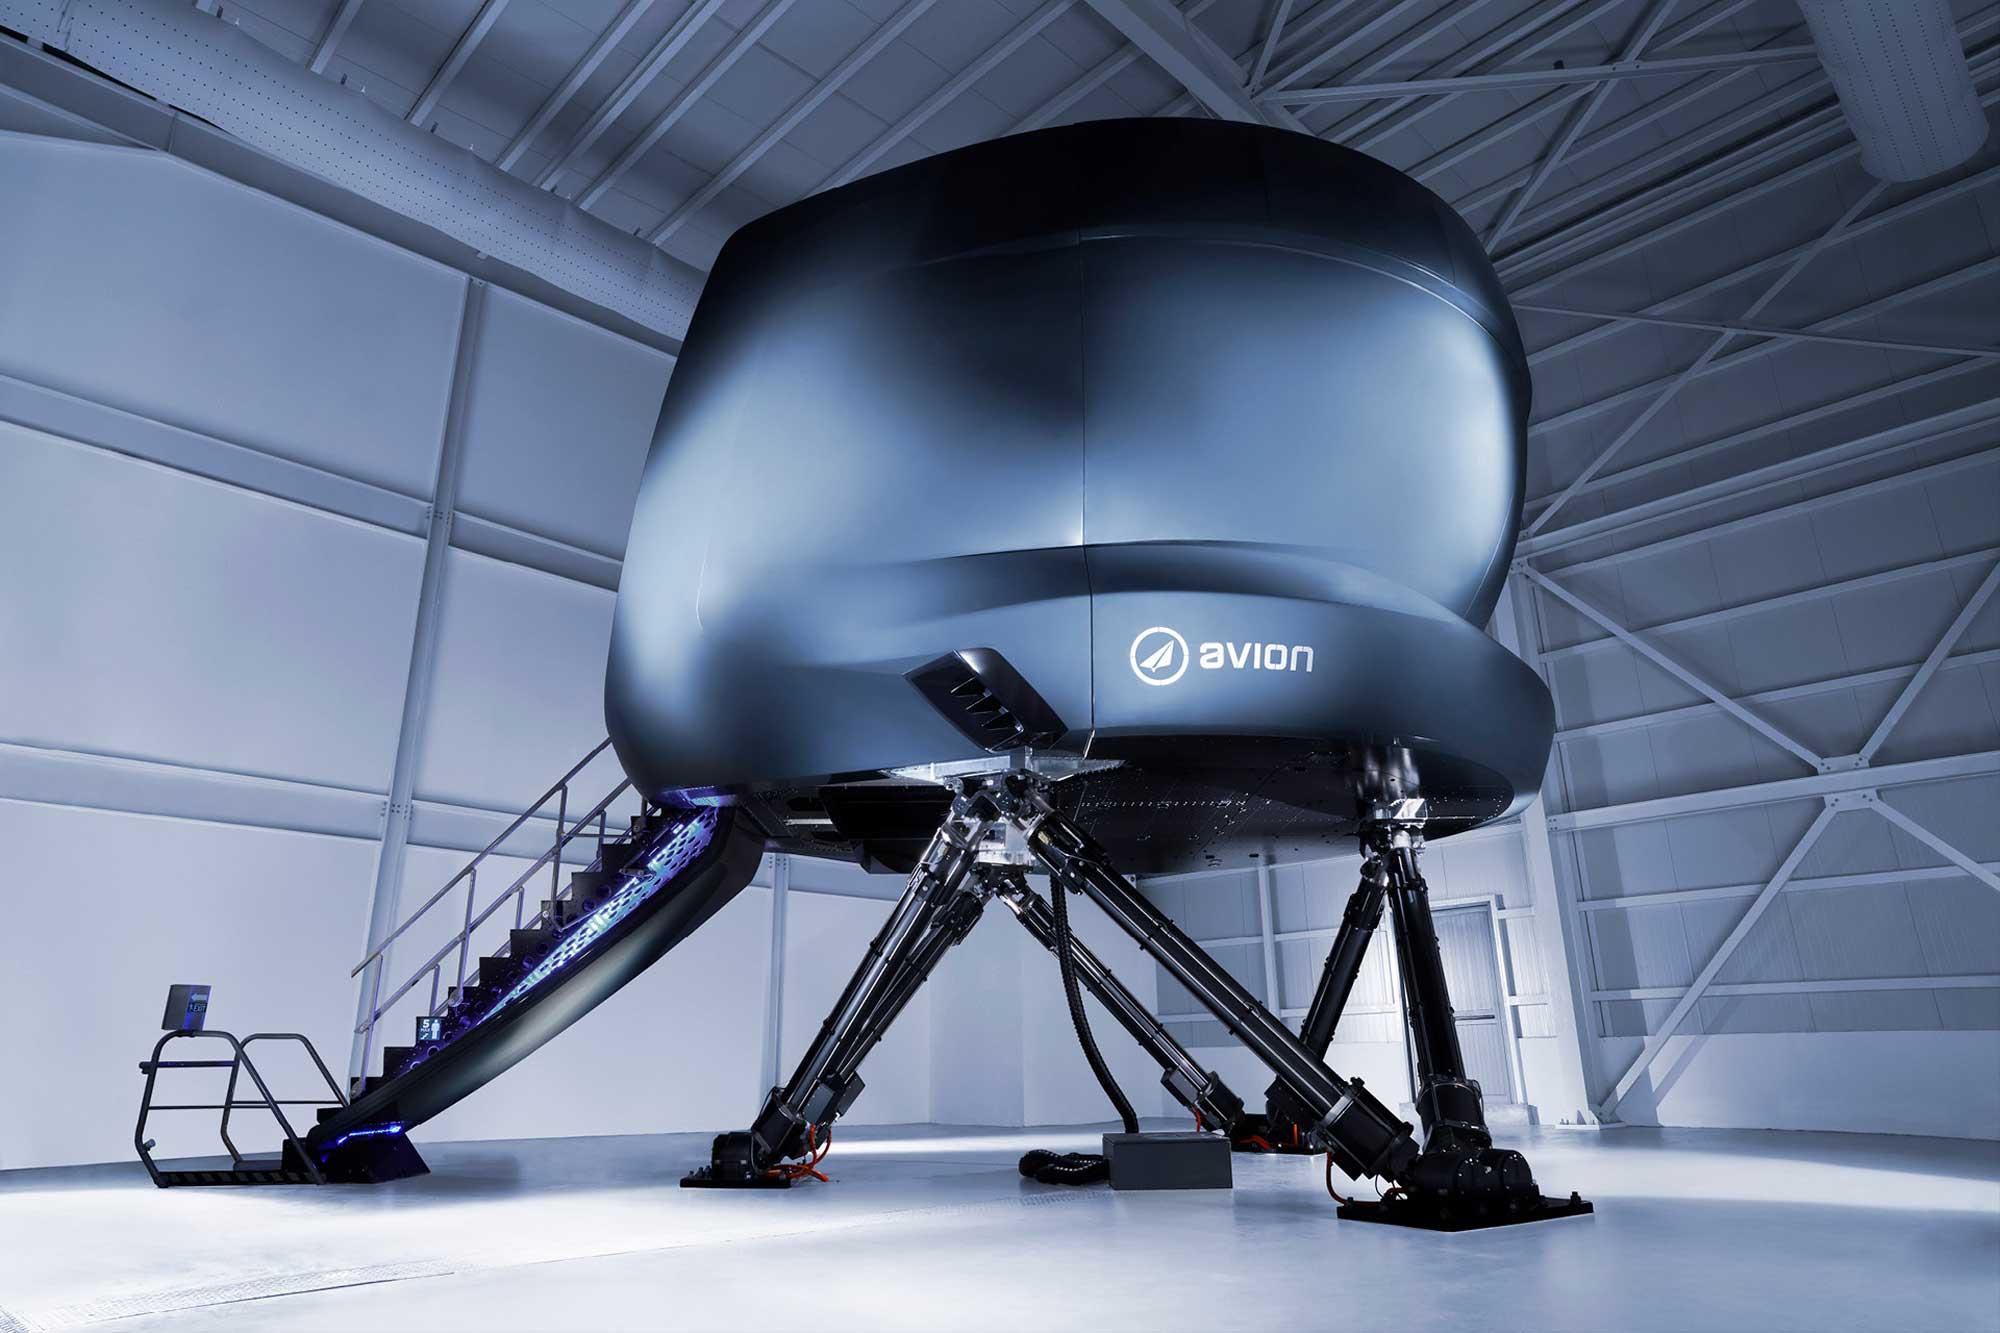 Avion full flight simulator